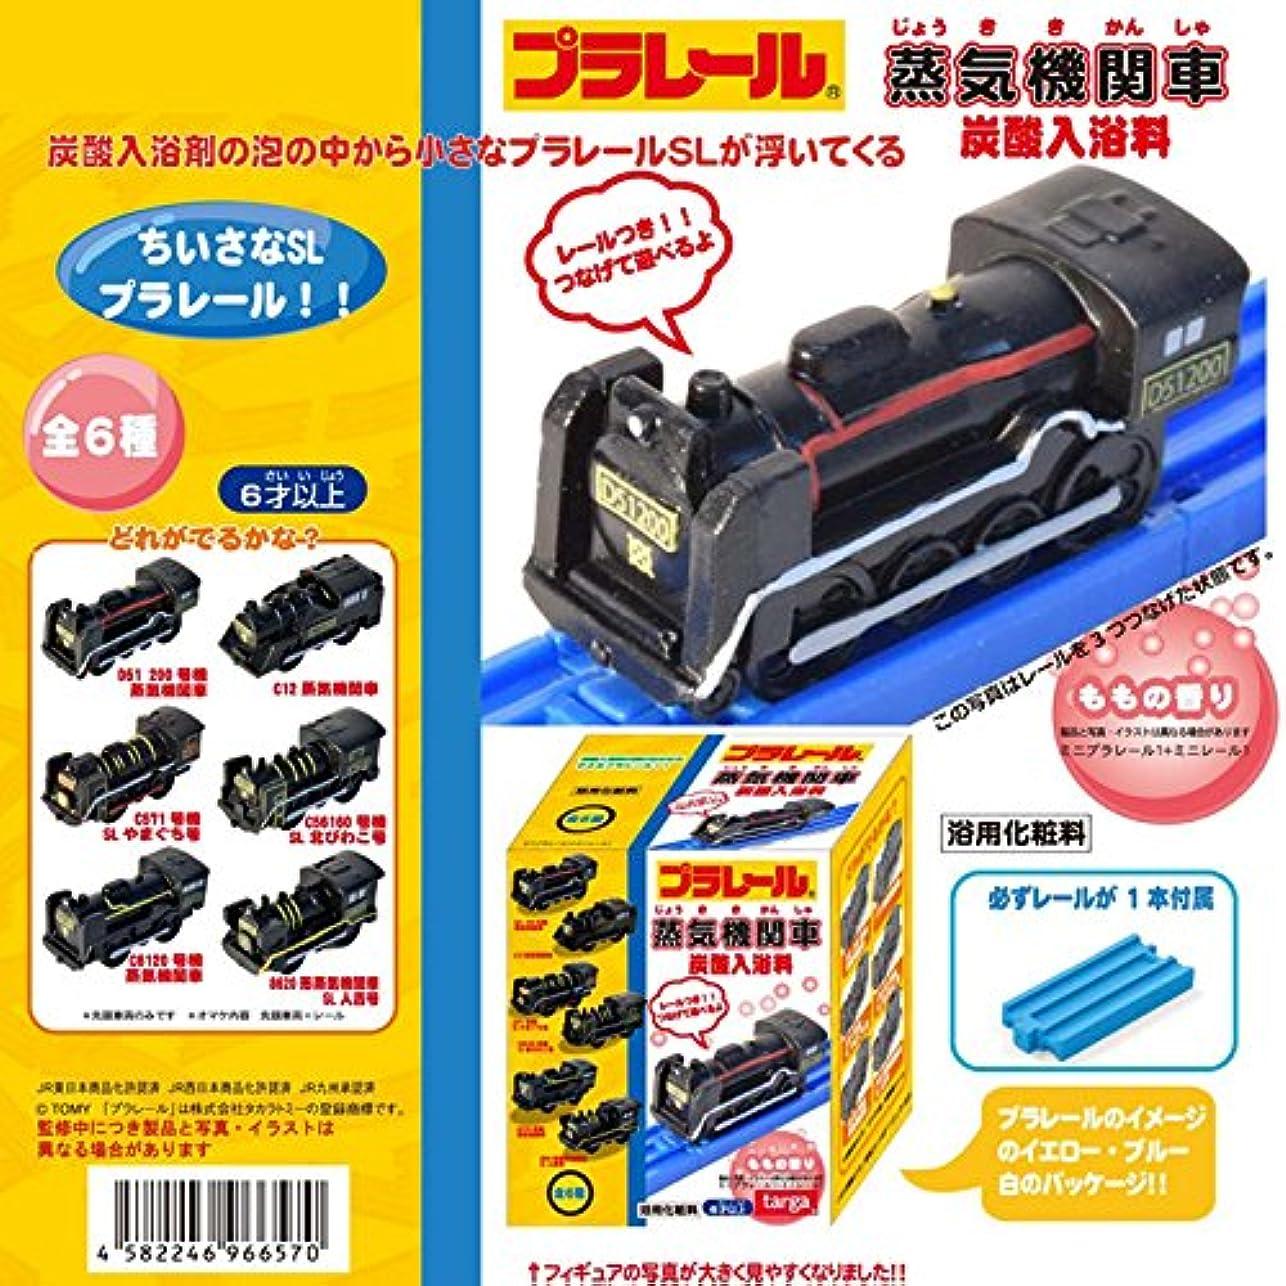 プラレール 蒸気機関車 炭酸入浴料 6個1セット ももの香り レールつき機関車 入浴剤